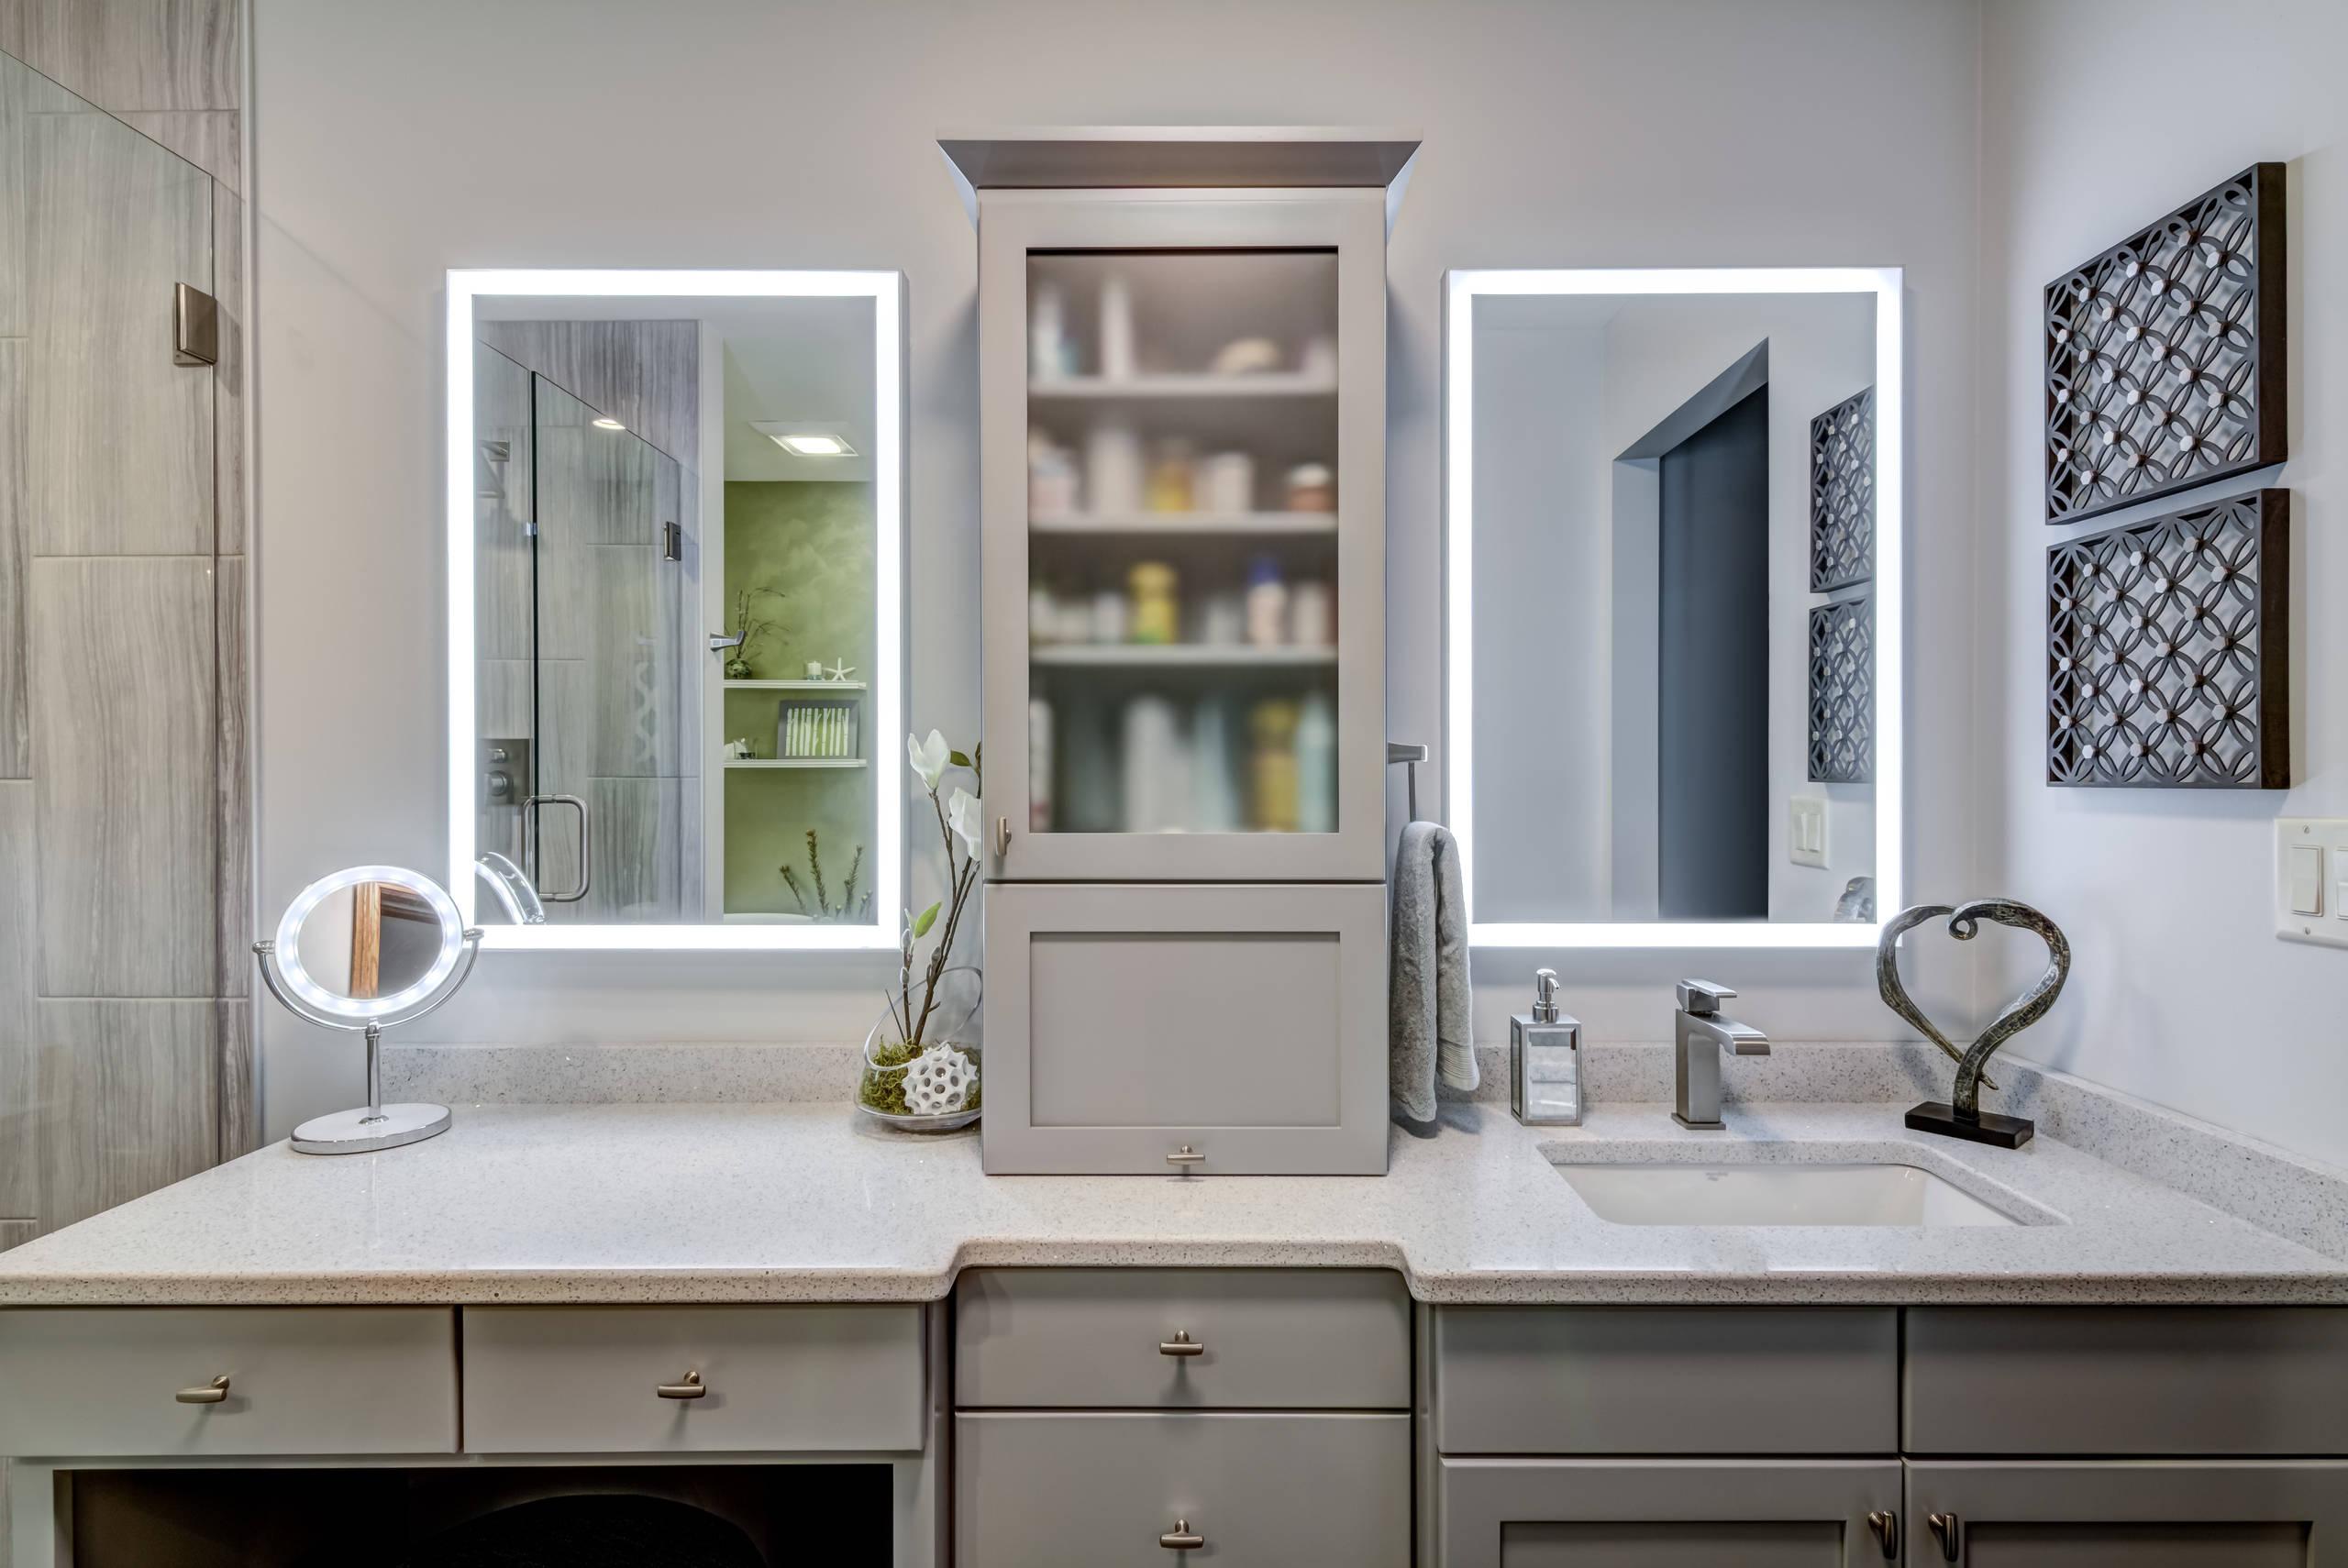 Eau Claire South Bathroom Remodel 2017